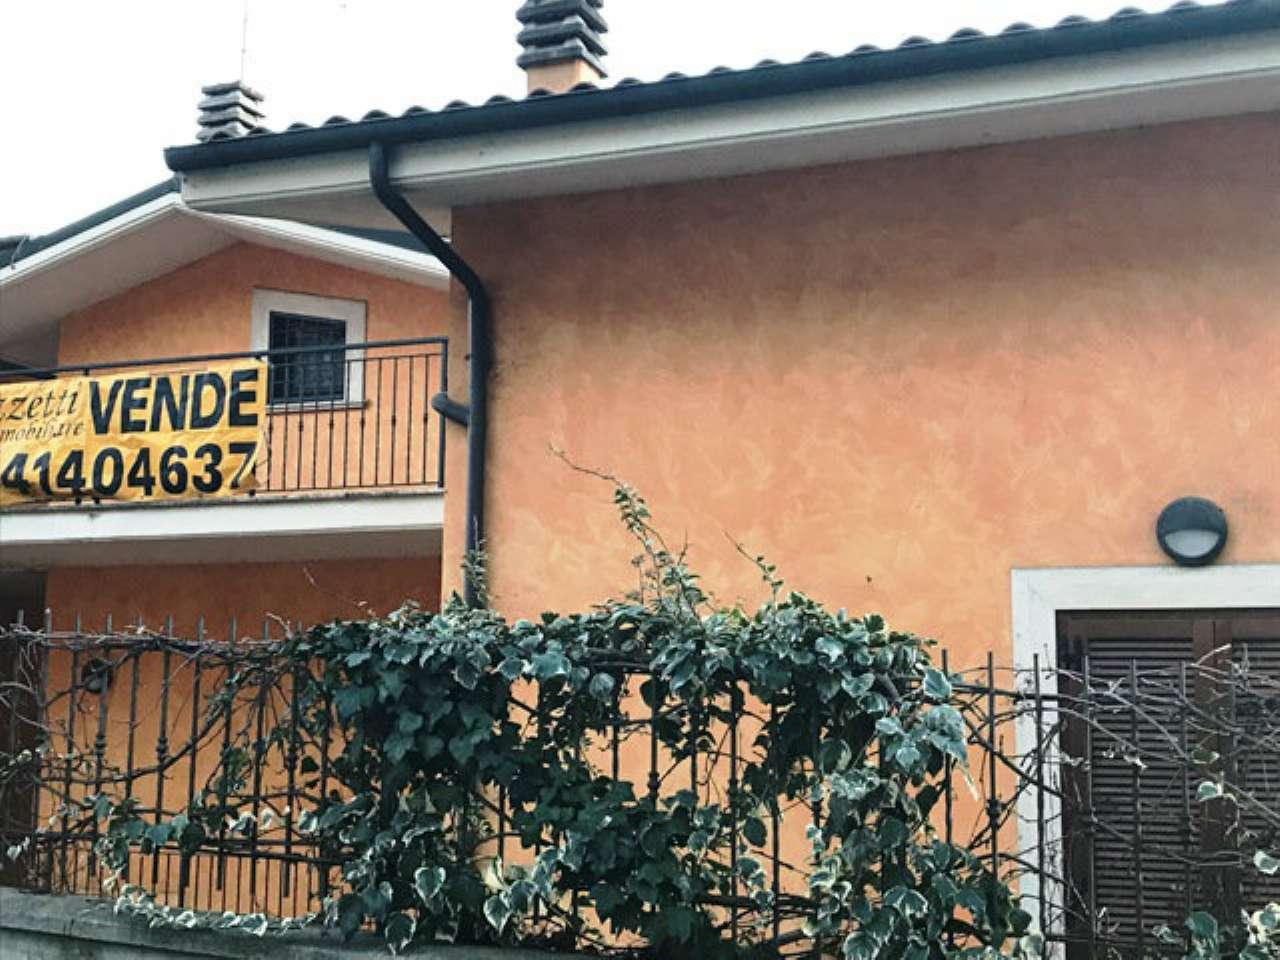 Appartamento in vendita a Mentana, 3 locali, prezzo € 129.000 | CambioCasa.it